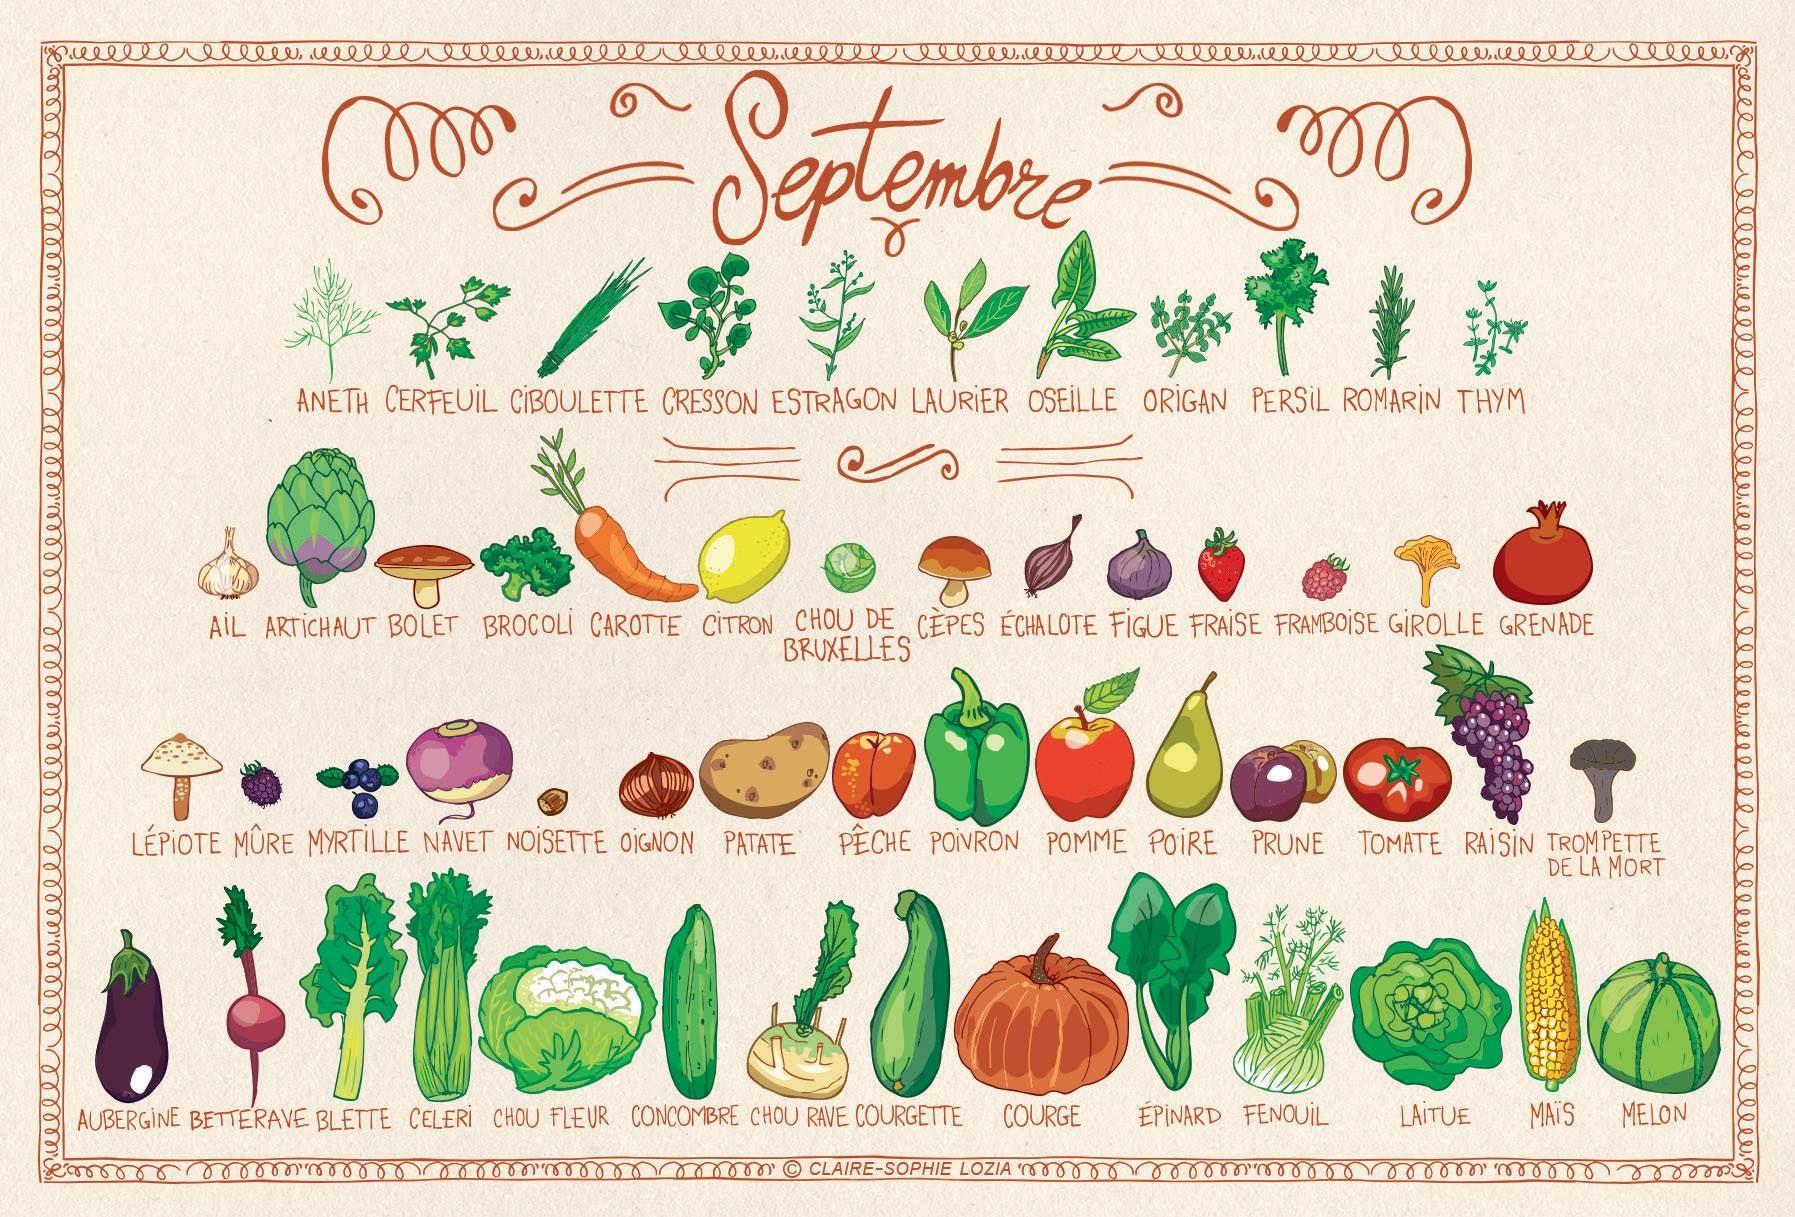 Calendrier de fruits et l gumes de saison du mois de - Calendrier fruits et legumes de saison ...